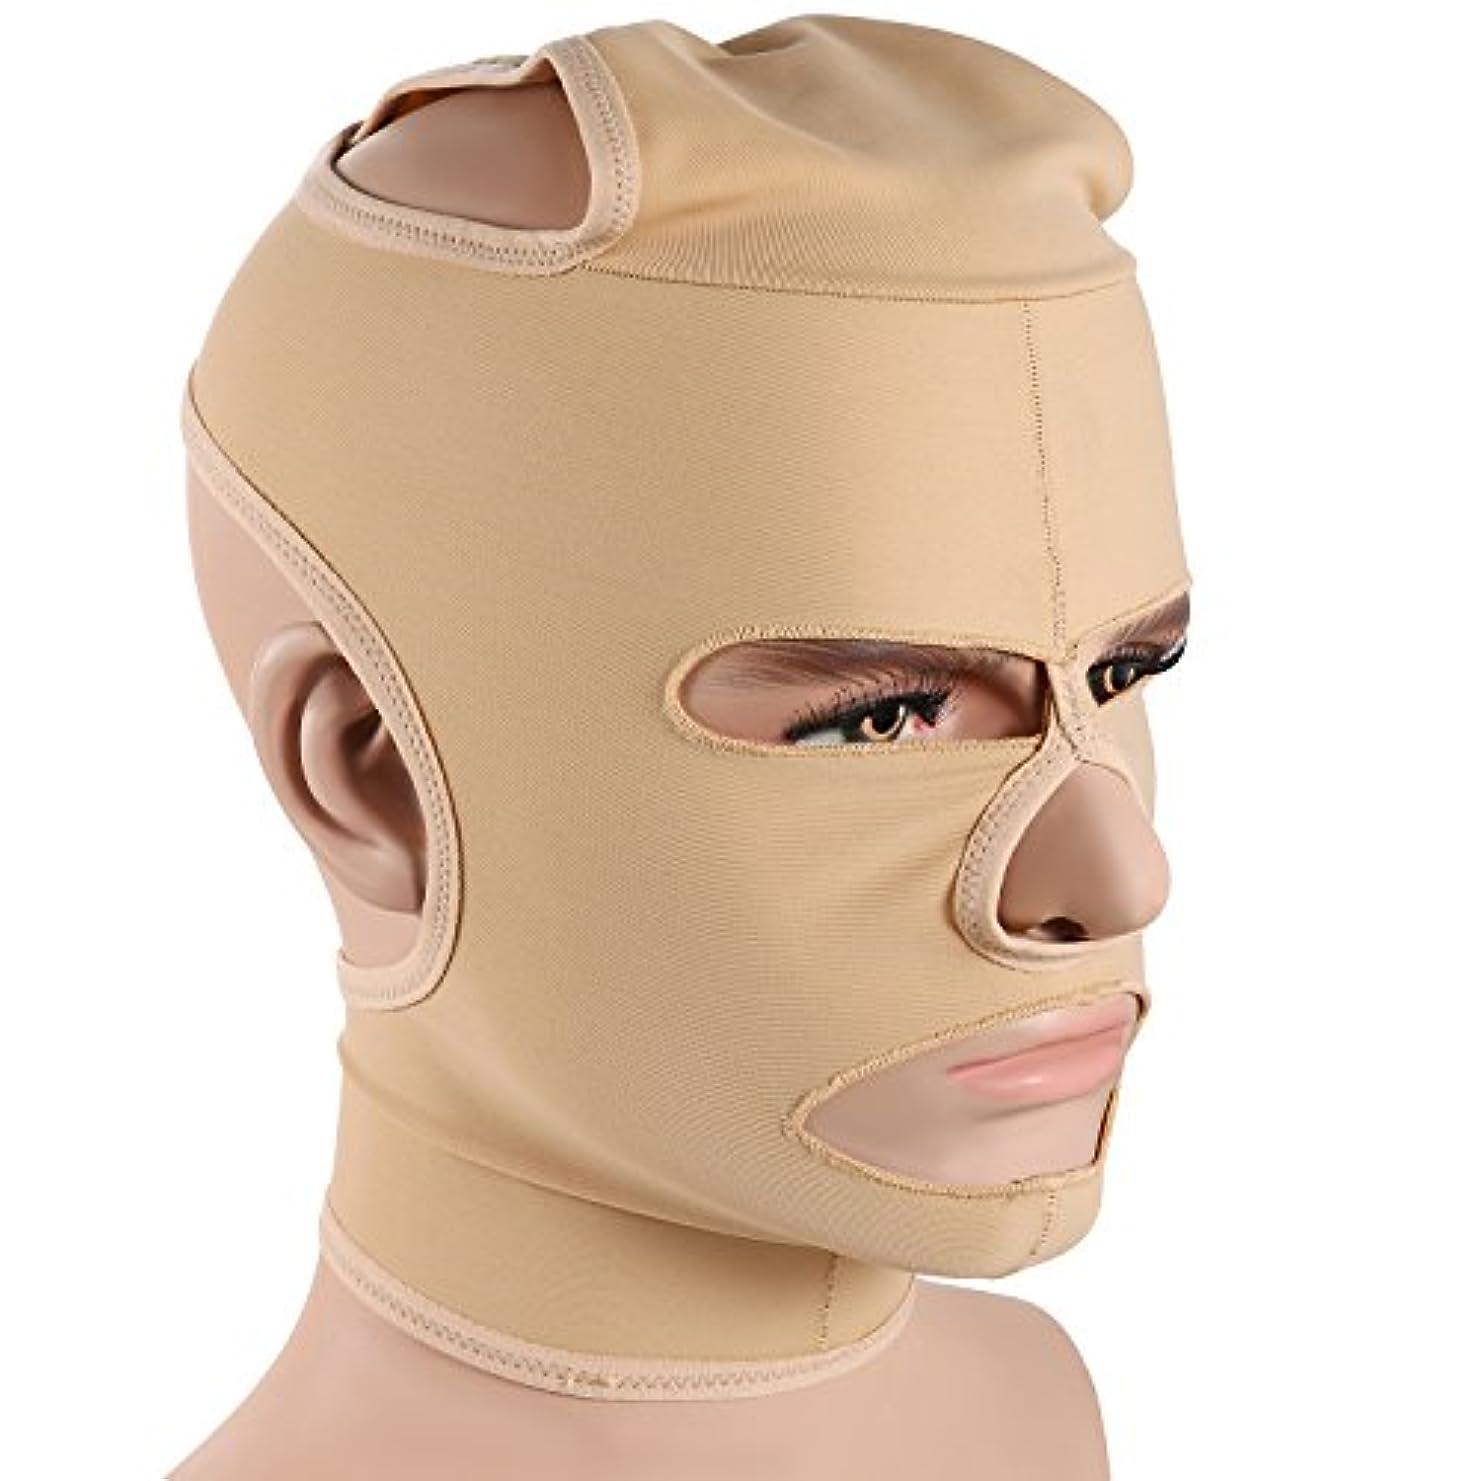 真空パートナー不定JewelryWe 小顔補正マスク 小顔ベルト 法令線予防 シワ防止 美顔 額、顎下、頬リフトアップ 男女兼用 Mサイズ